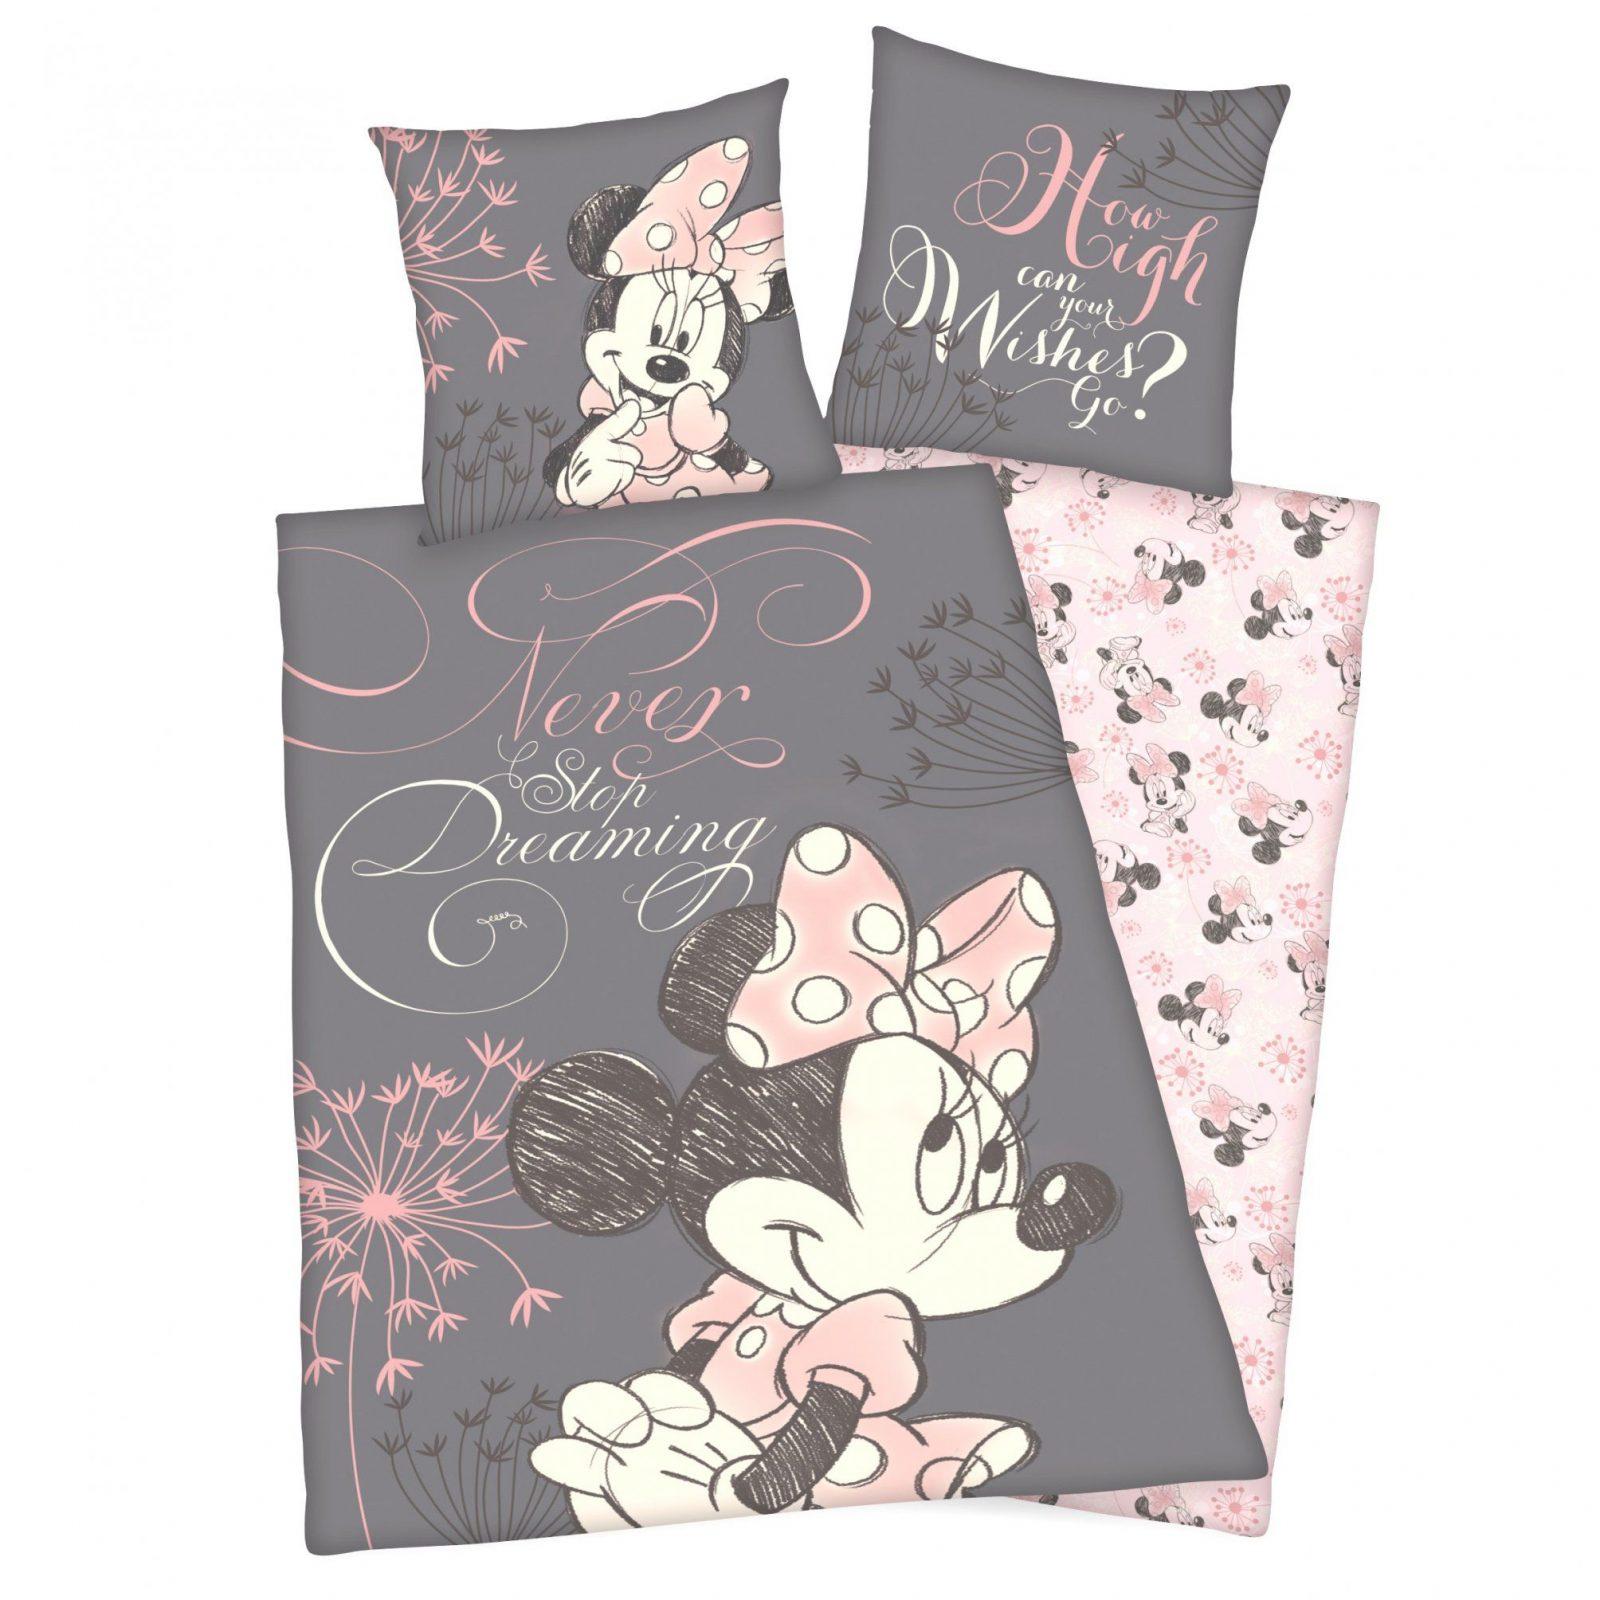 Günstige Ideen Minnie Mouse Bettwäsche Und Geniale Trend Textilien von Minnie Mouse Bettwäsche Photo